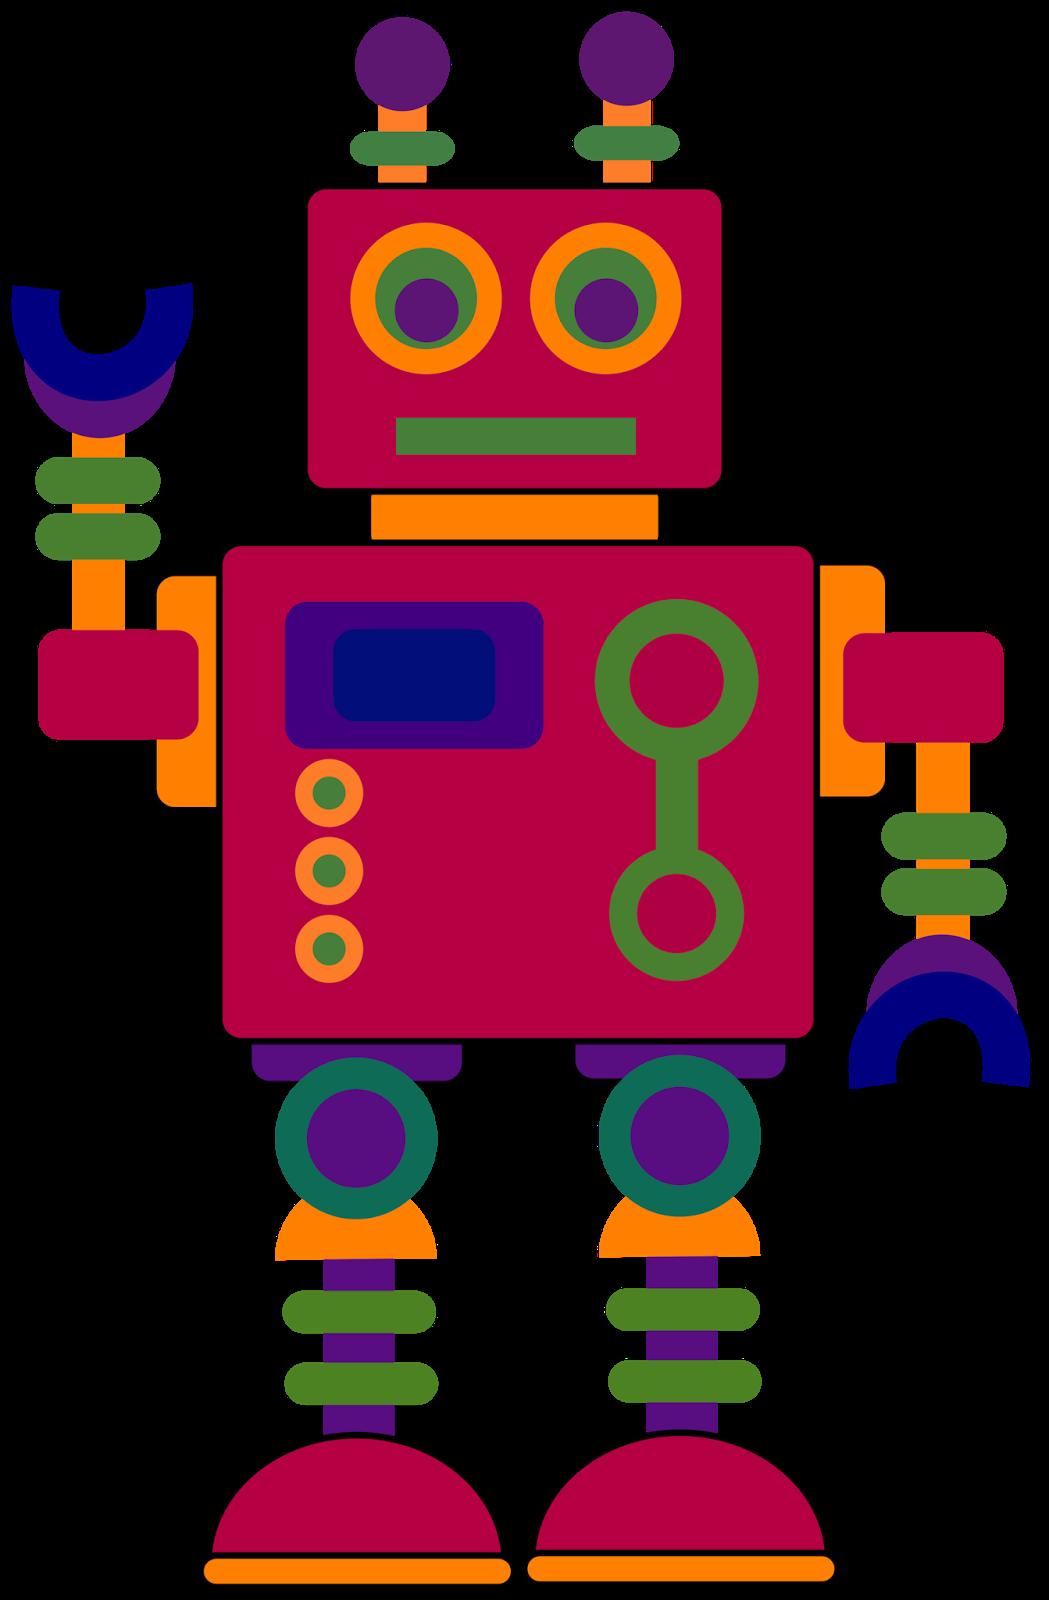 Robot Clip Art Clipart Image-Robot clip art clipart image-5